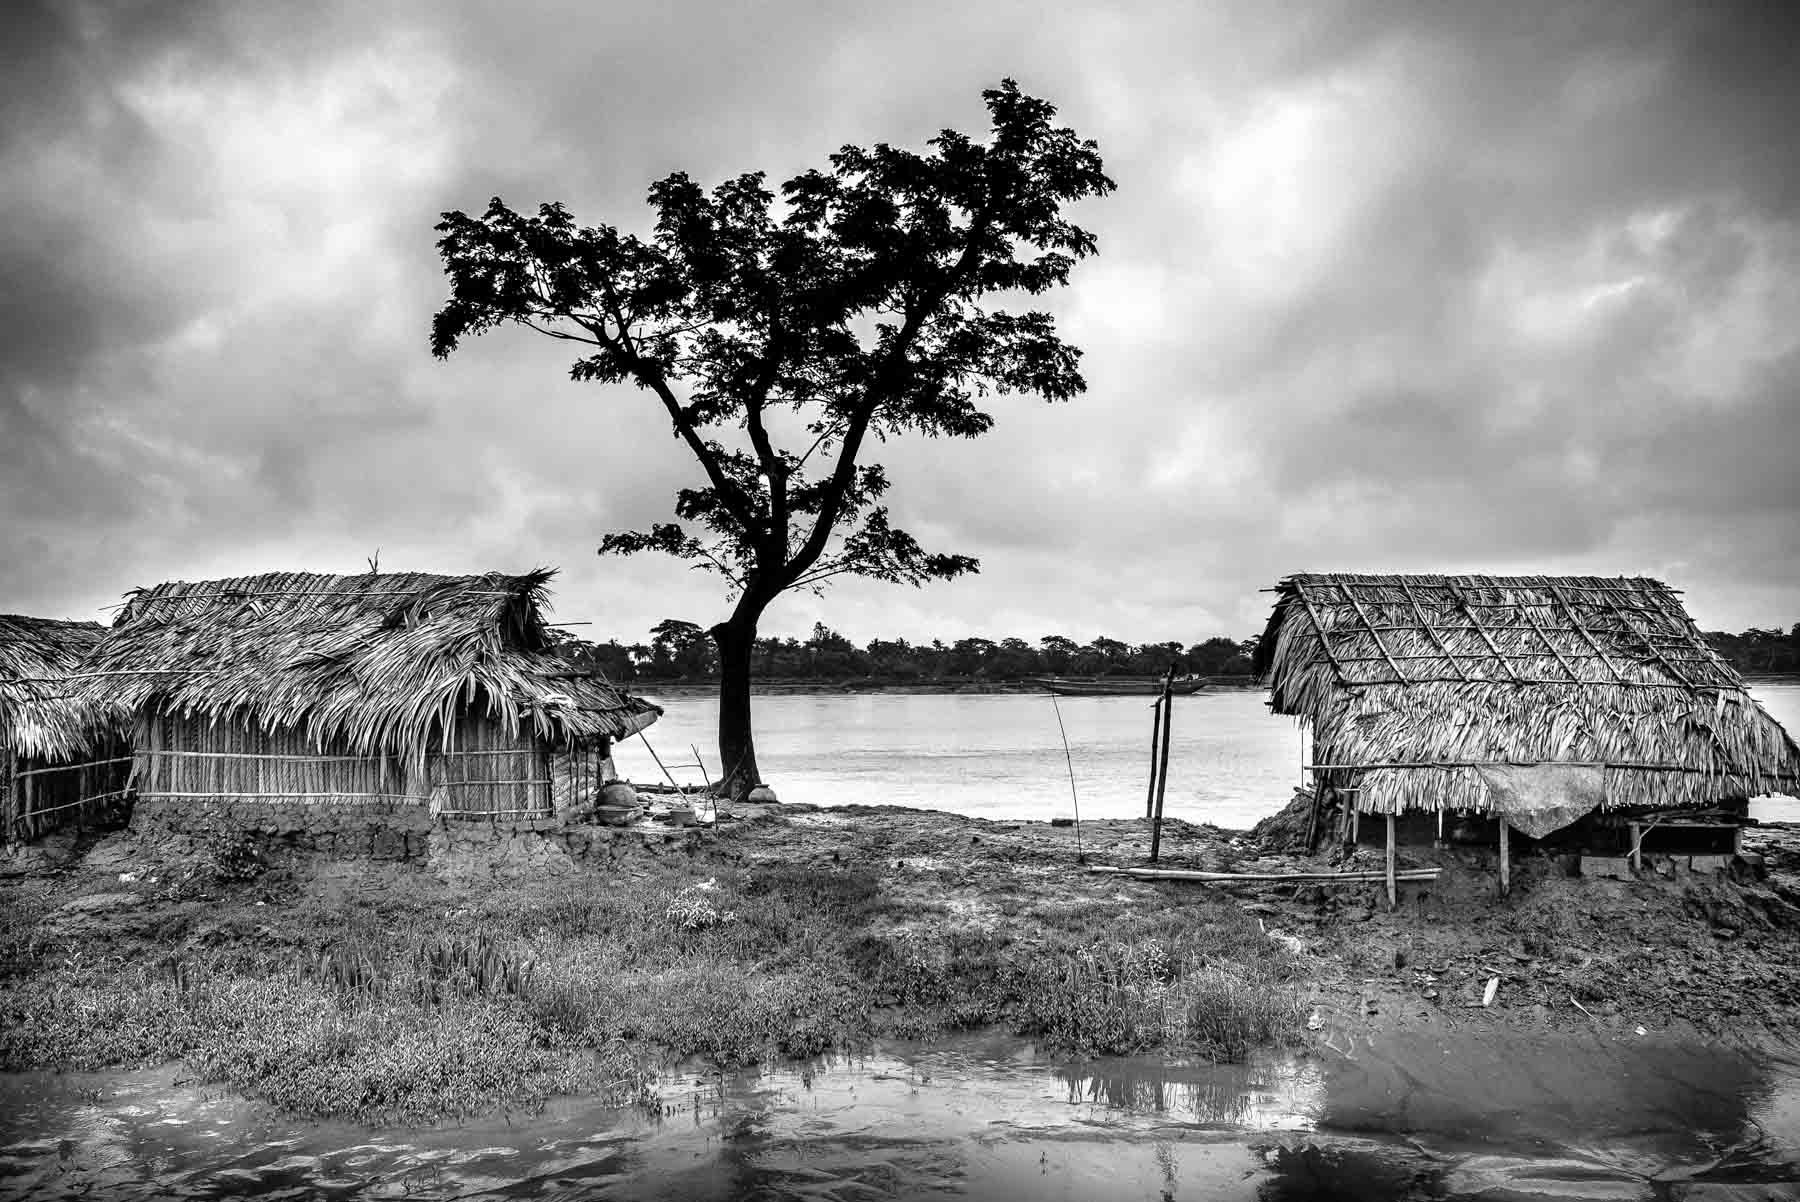 Jules_toulet_bangladesh-9